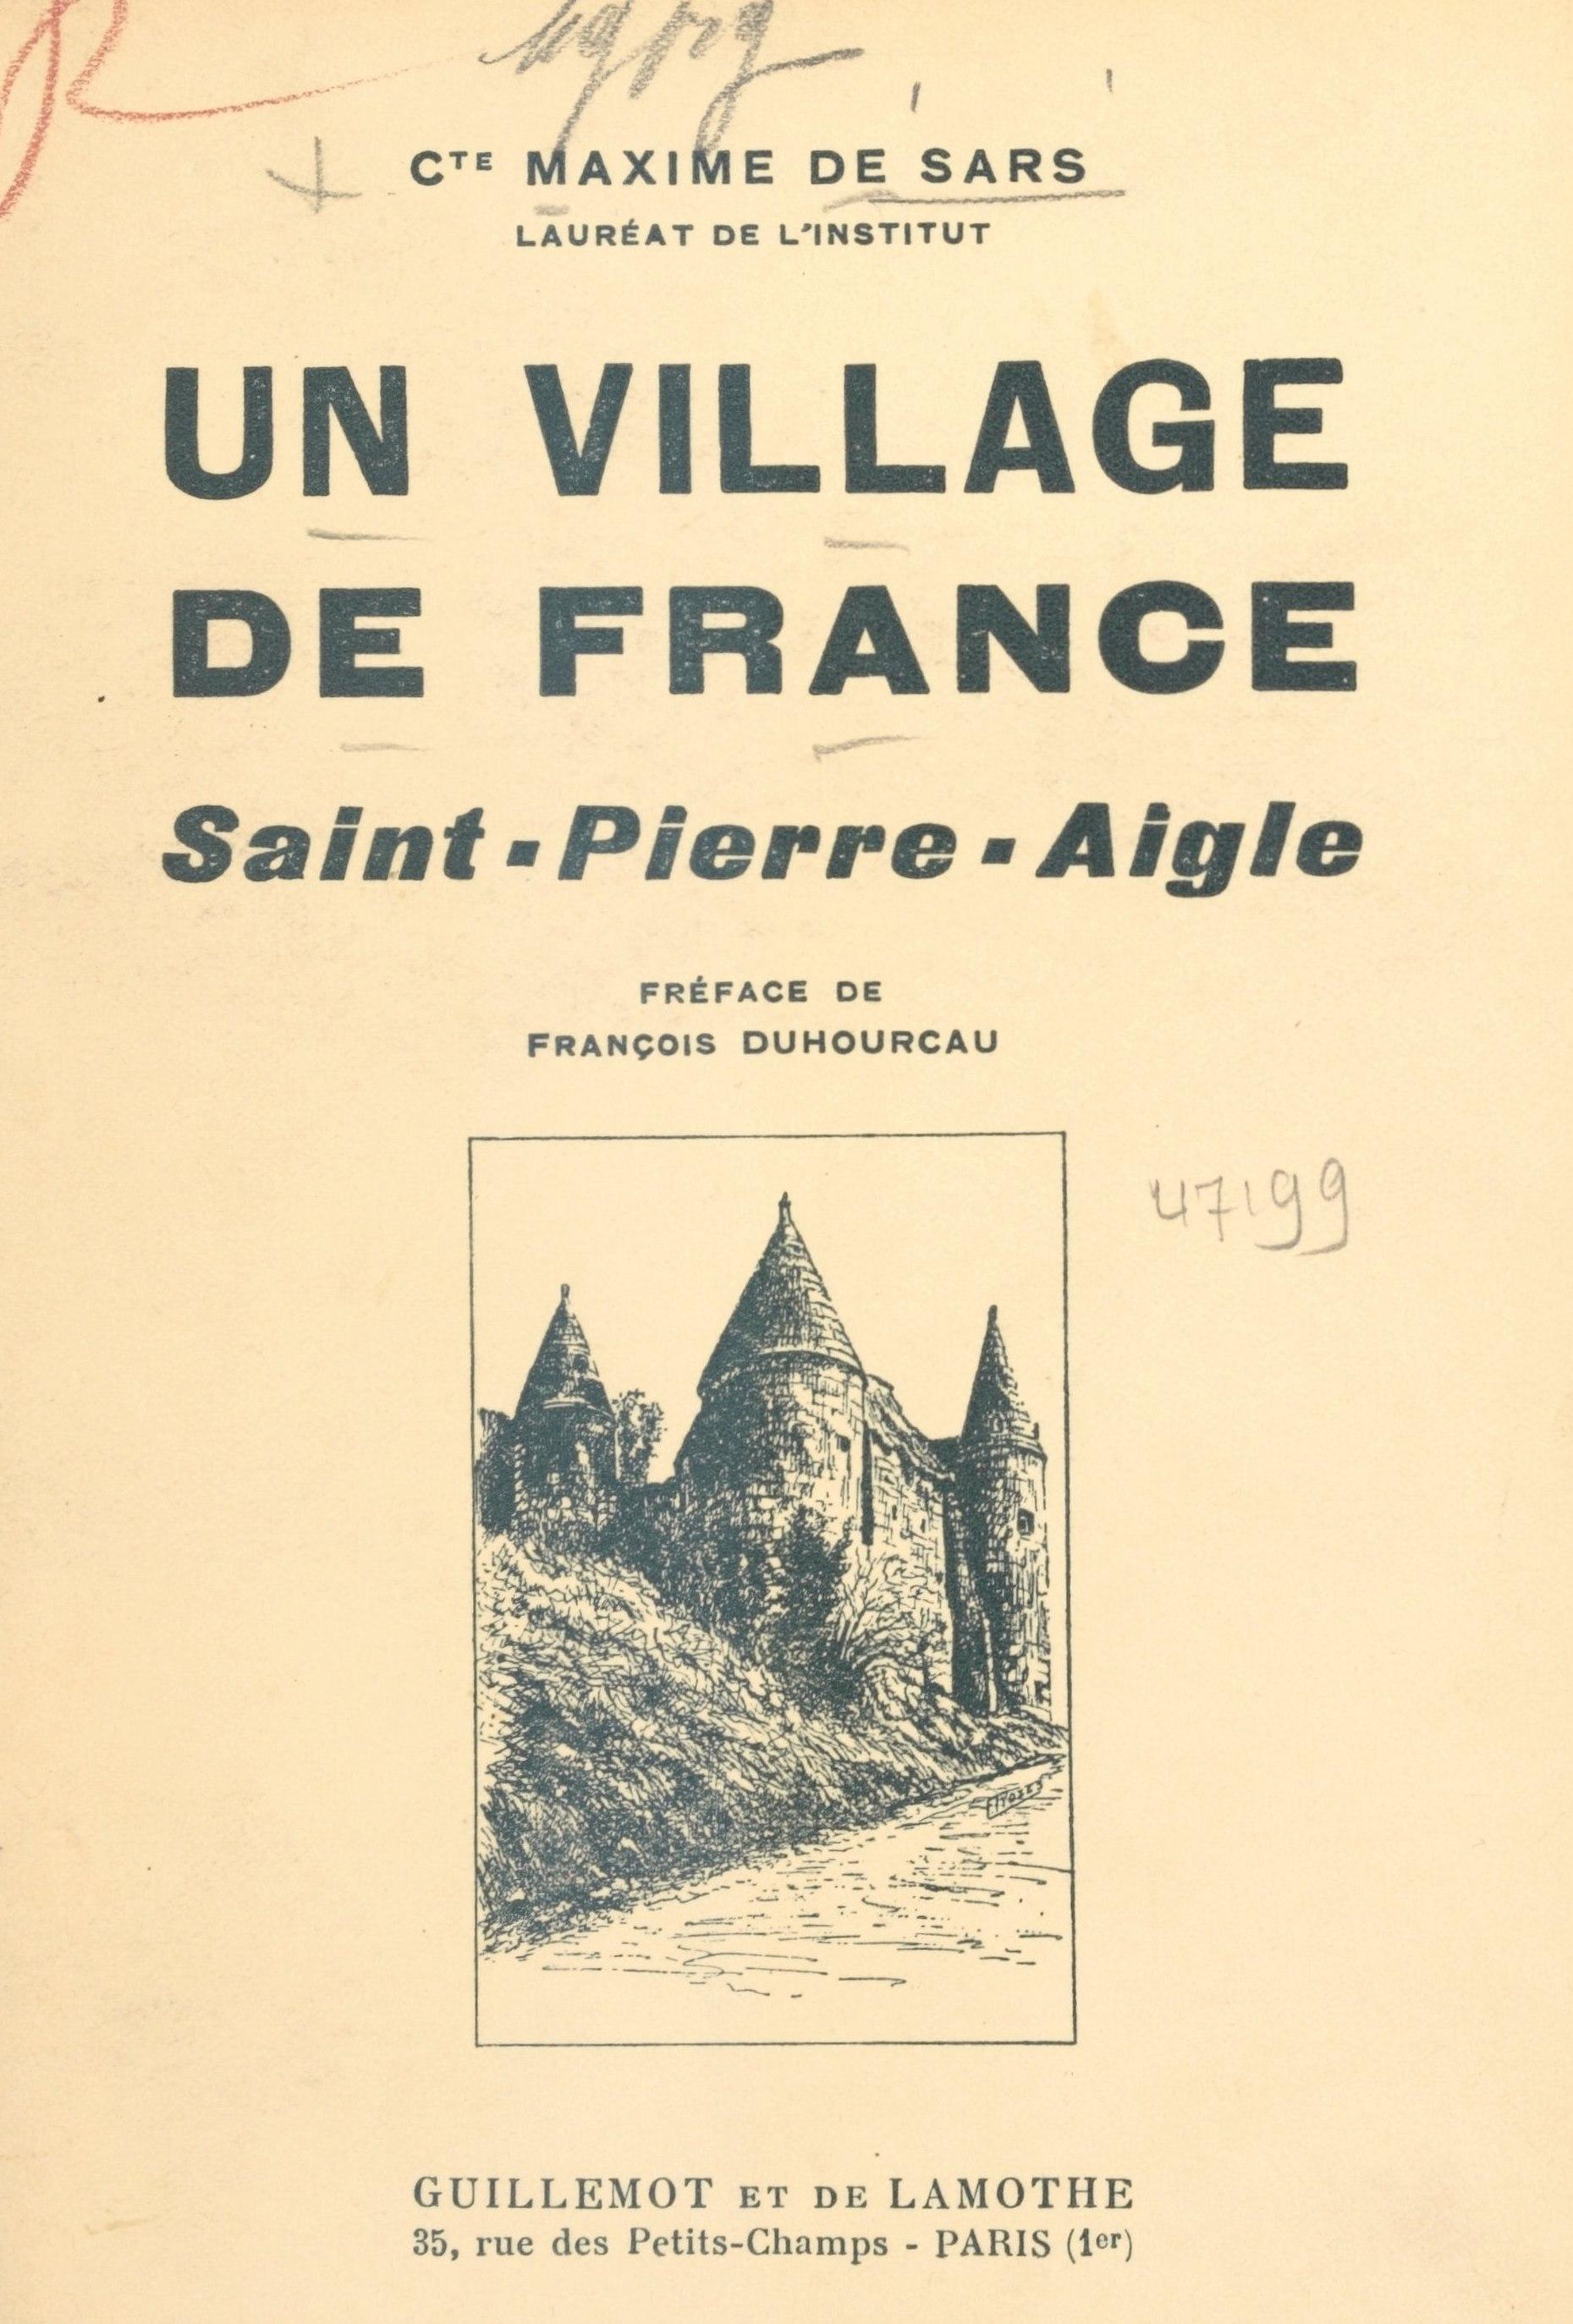 Un village de France, Saint-Pierre-Aigle, Monographie historique, 1148-1938